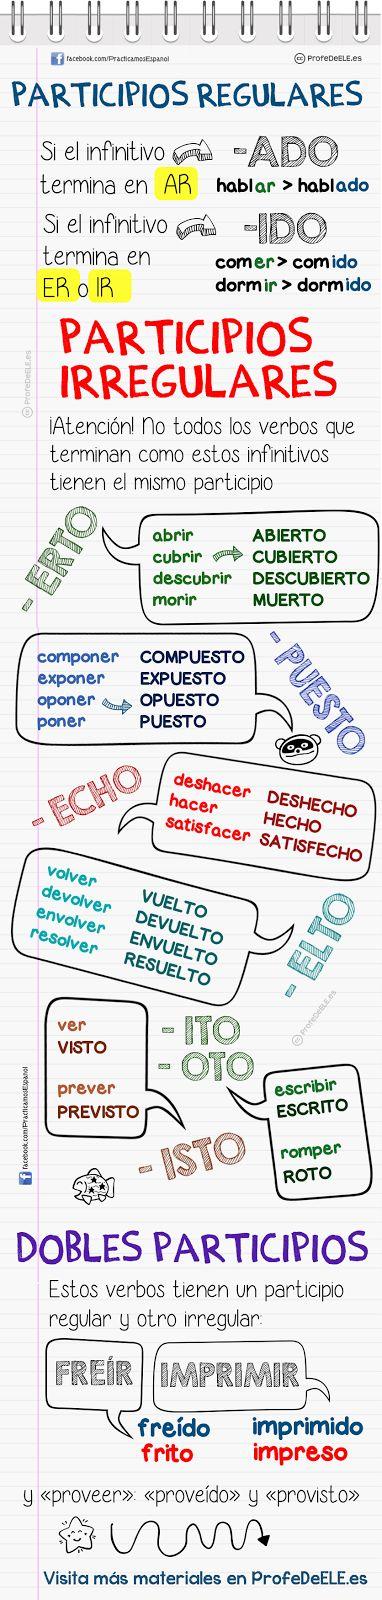 Participios regulares e irregulares en español - Explicación y actividad online (A2/B1) en www.profedeele.es | @ProfeDeELE.es.es.es